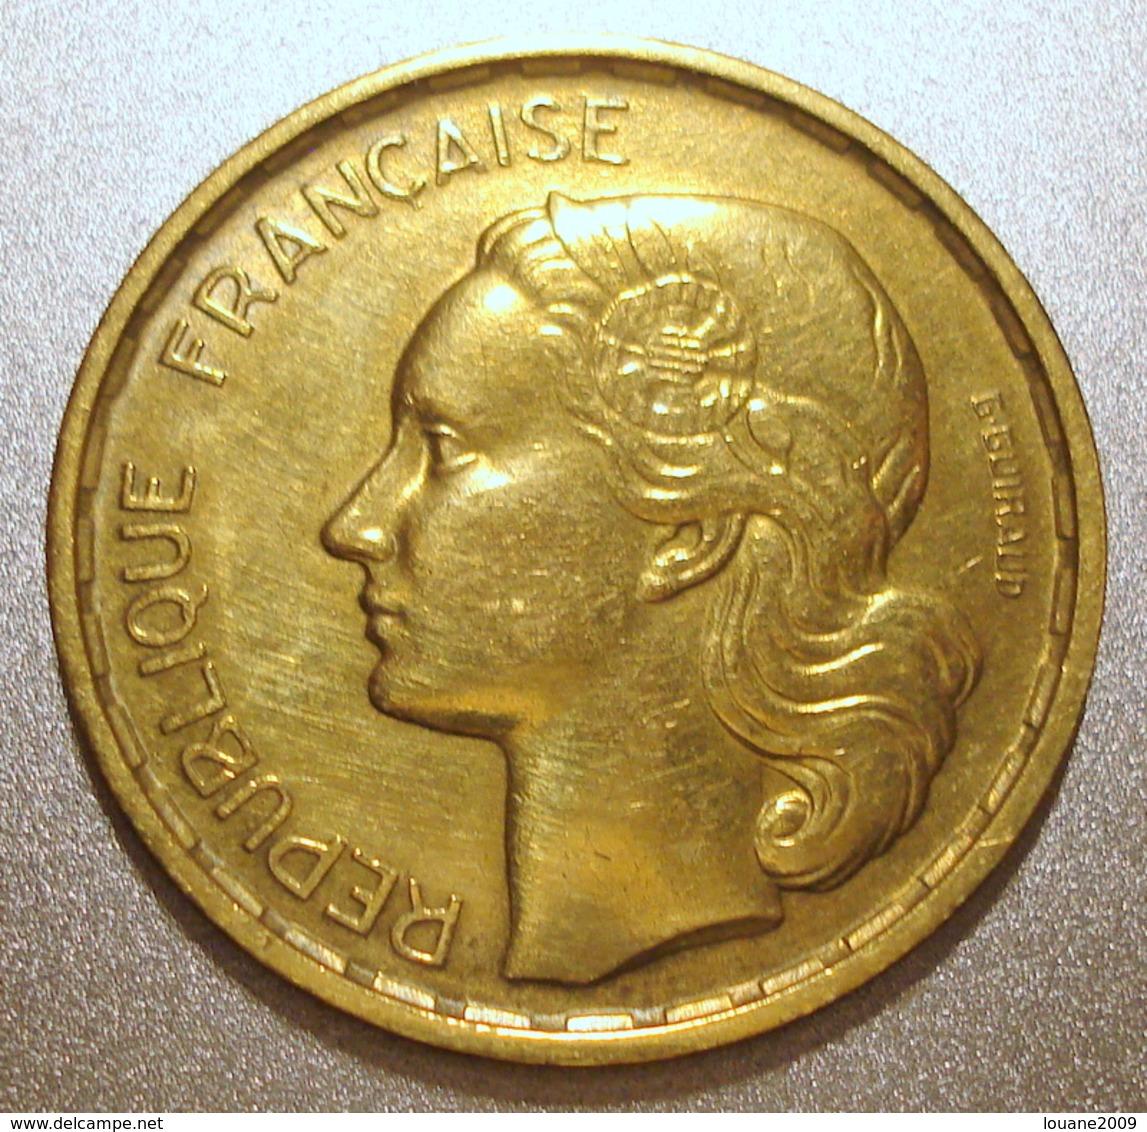 France - Pièce De Monnaie 20 Francs G. Guiraud 1950 B 4 Faucilles - France